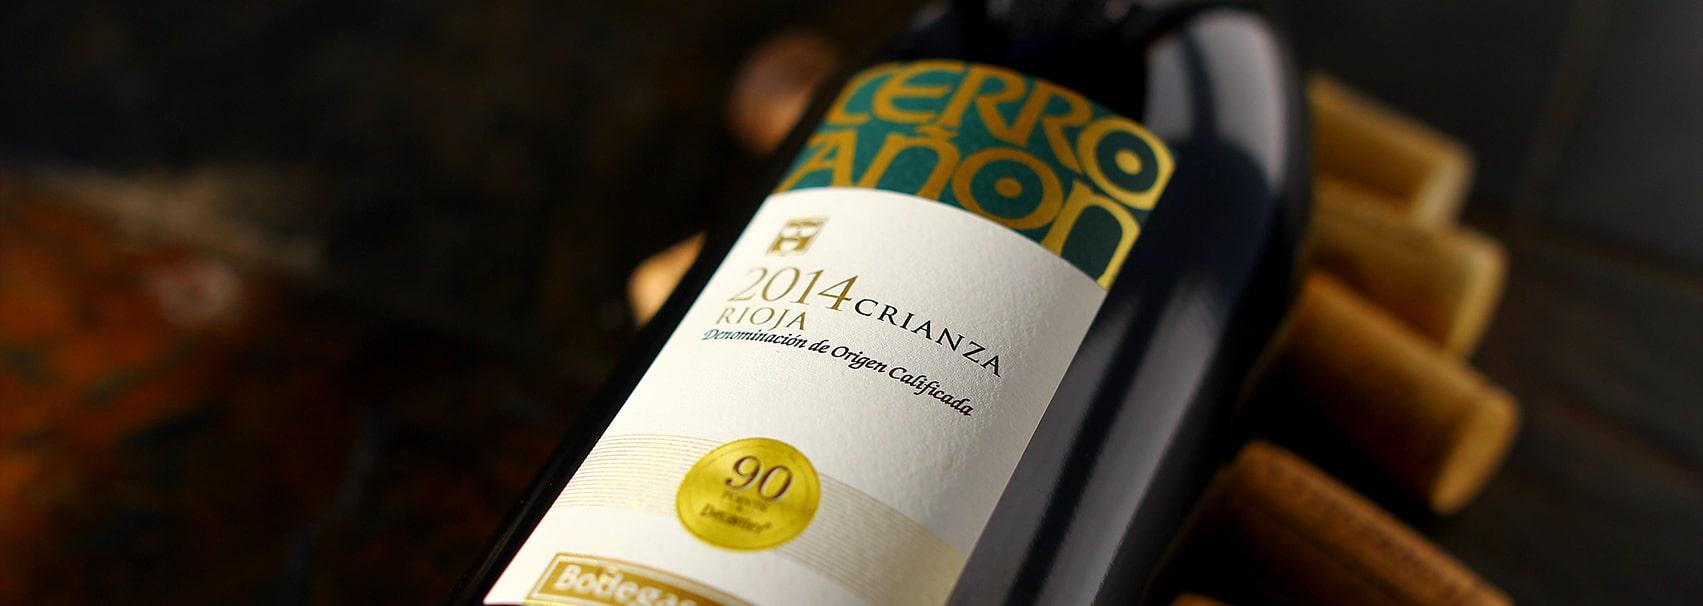 Cerroanon-Rioja-2014